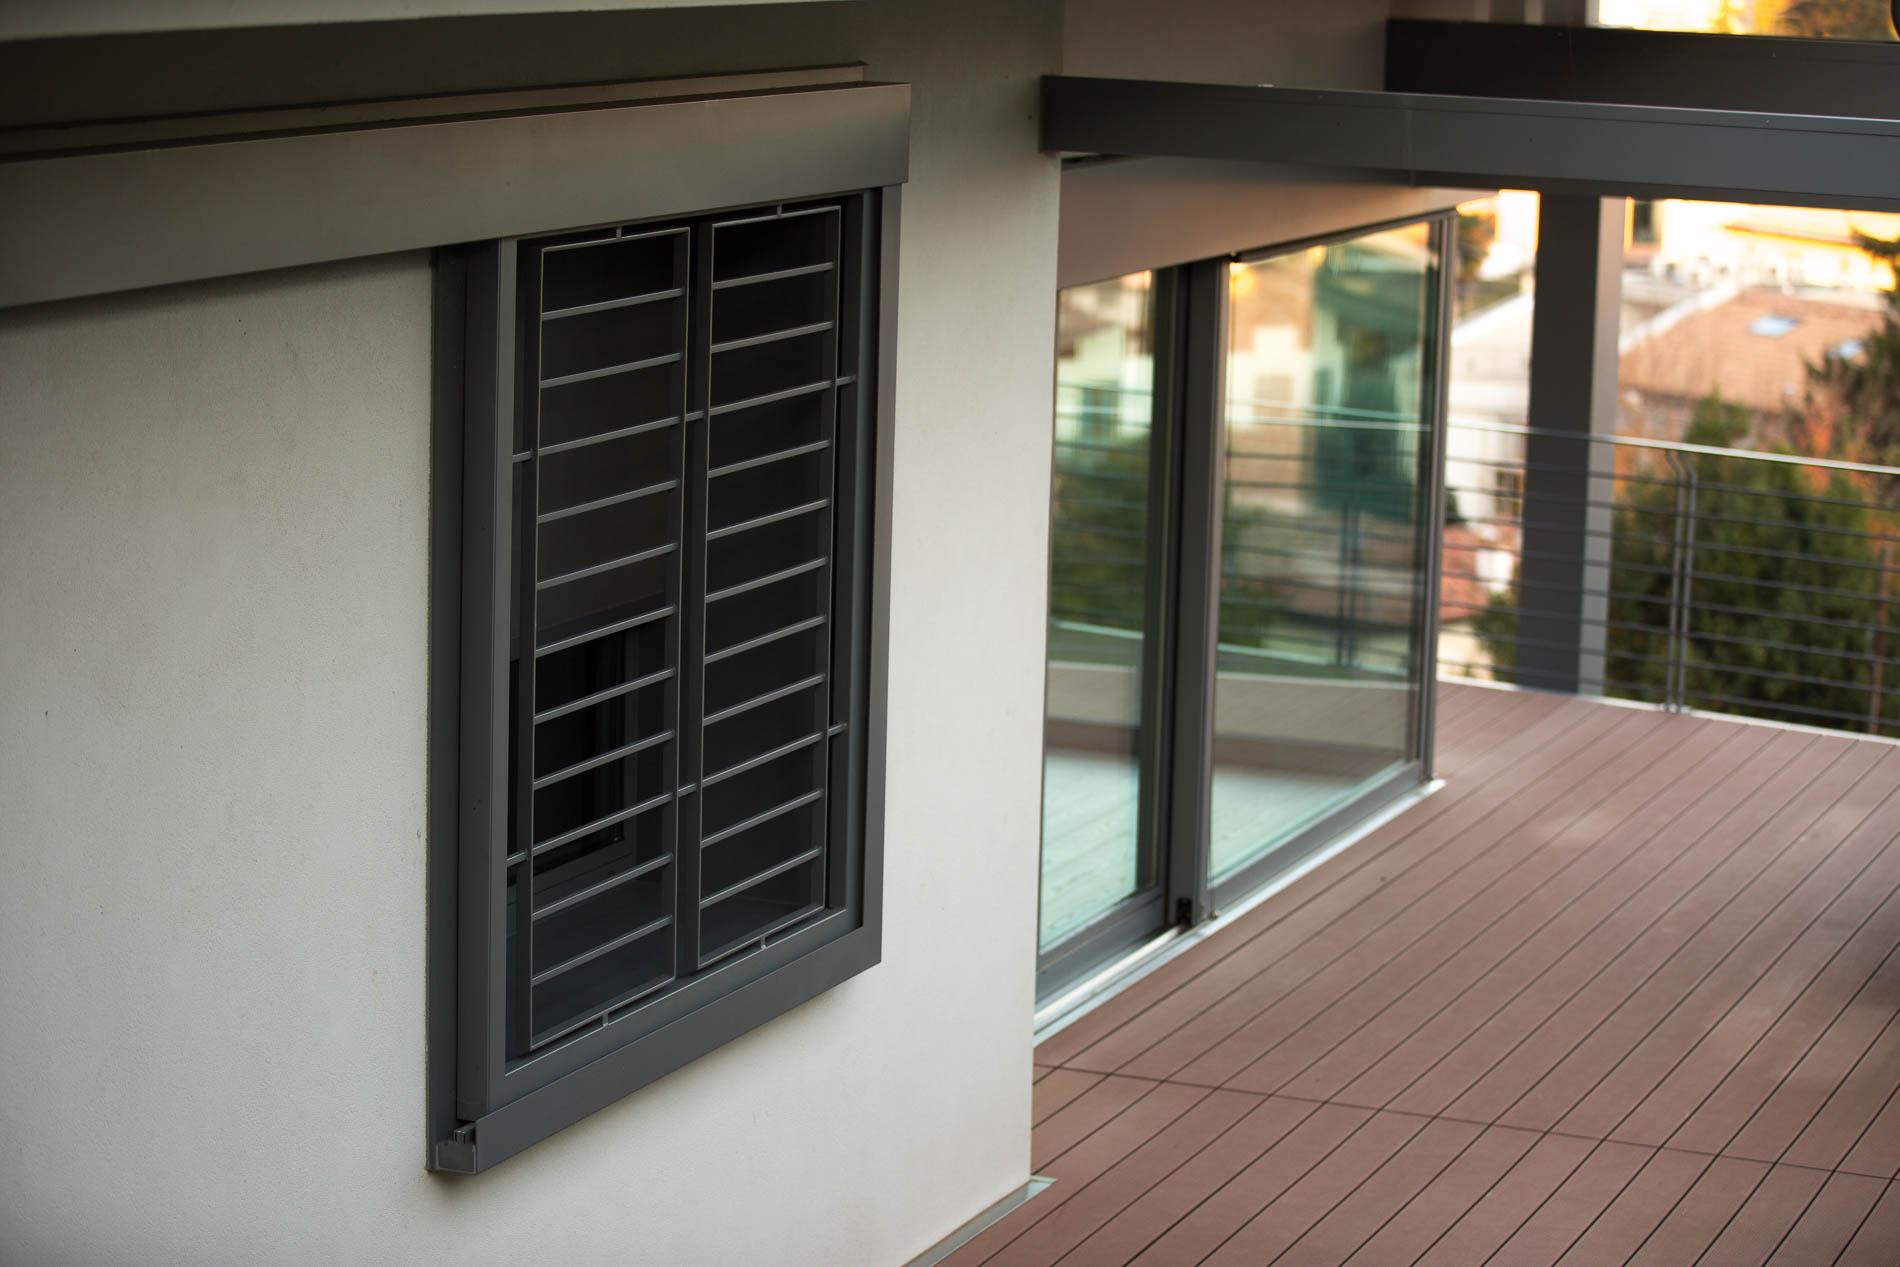 Serramenti scorrevoli per finestre e porte finestre fornasiero - Finestre scorrevoli dimensioni ...